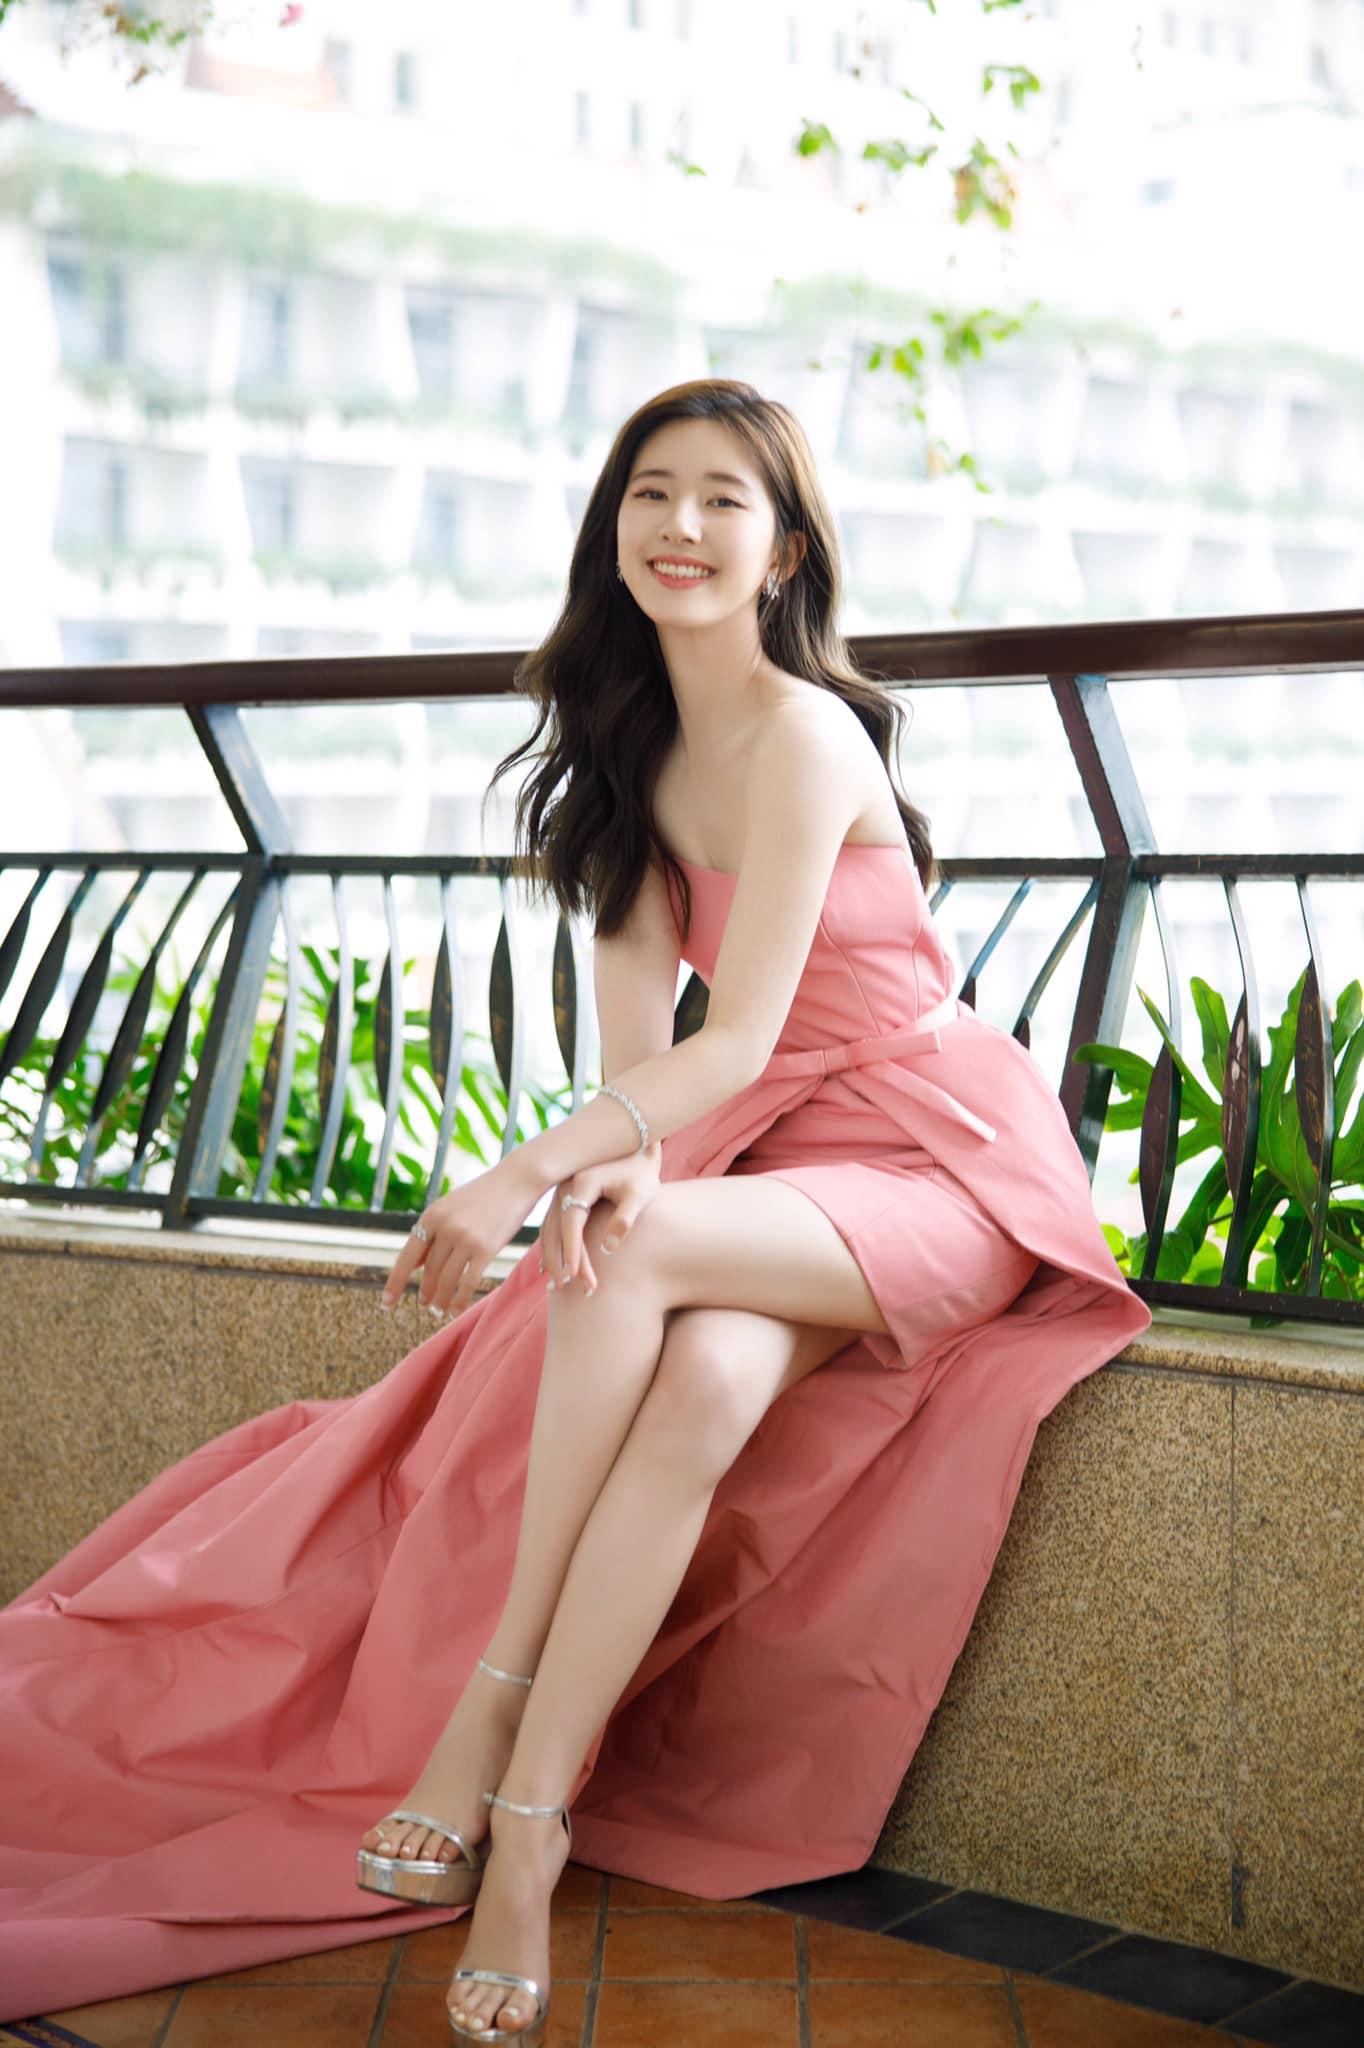 """3 sự cố váy áo hi hữu trên thảm đỏ Elle Style Awards 2020: Trương Gia Nghê rơi luôn khuyên tai, chị đẹp """"30 Chưa Phải Là Hết"""" giẫm cả chân lên váy - Ảnh 6."""